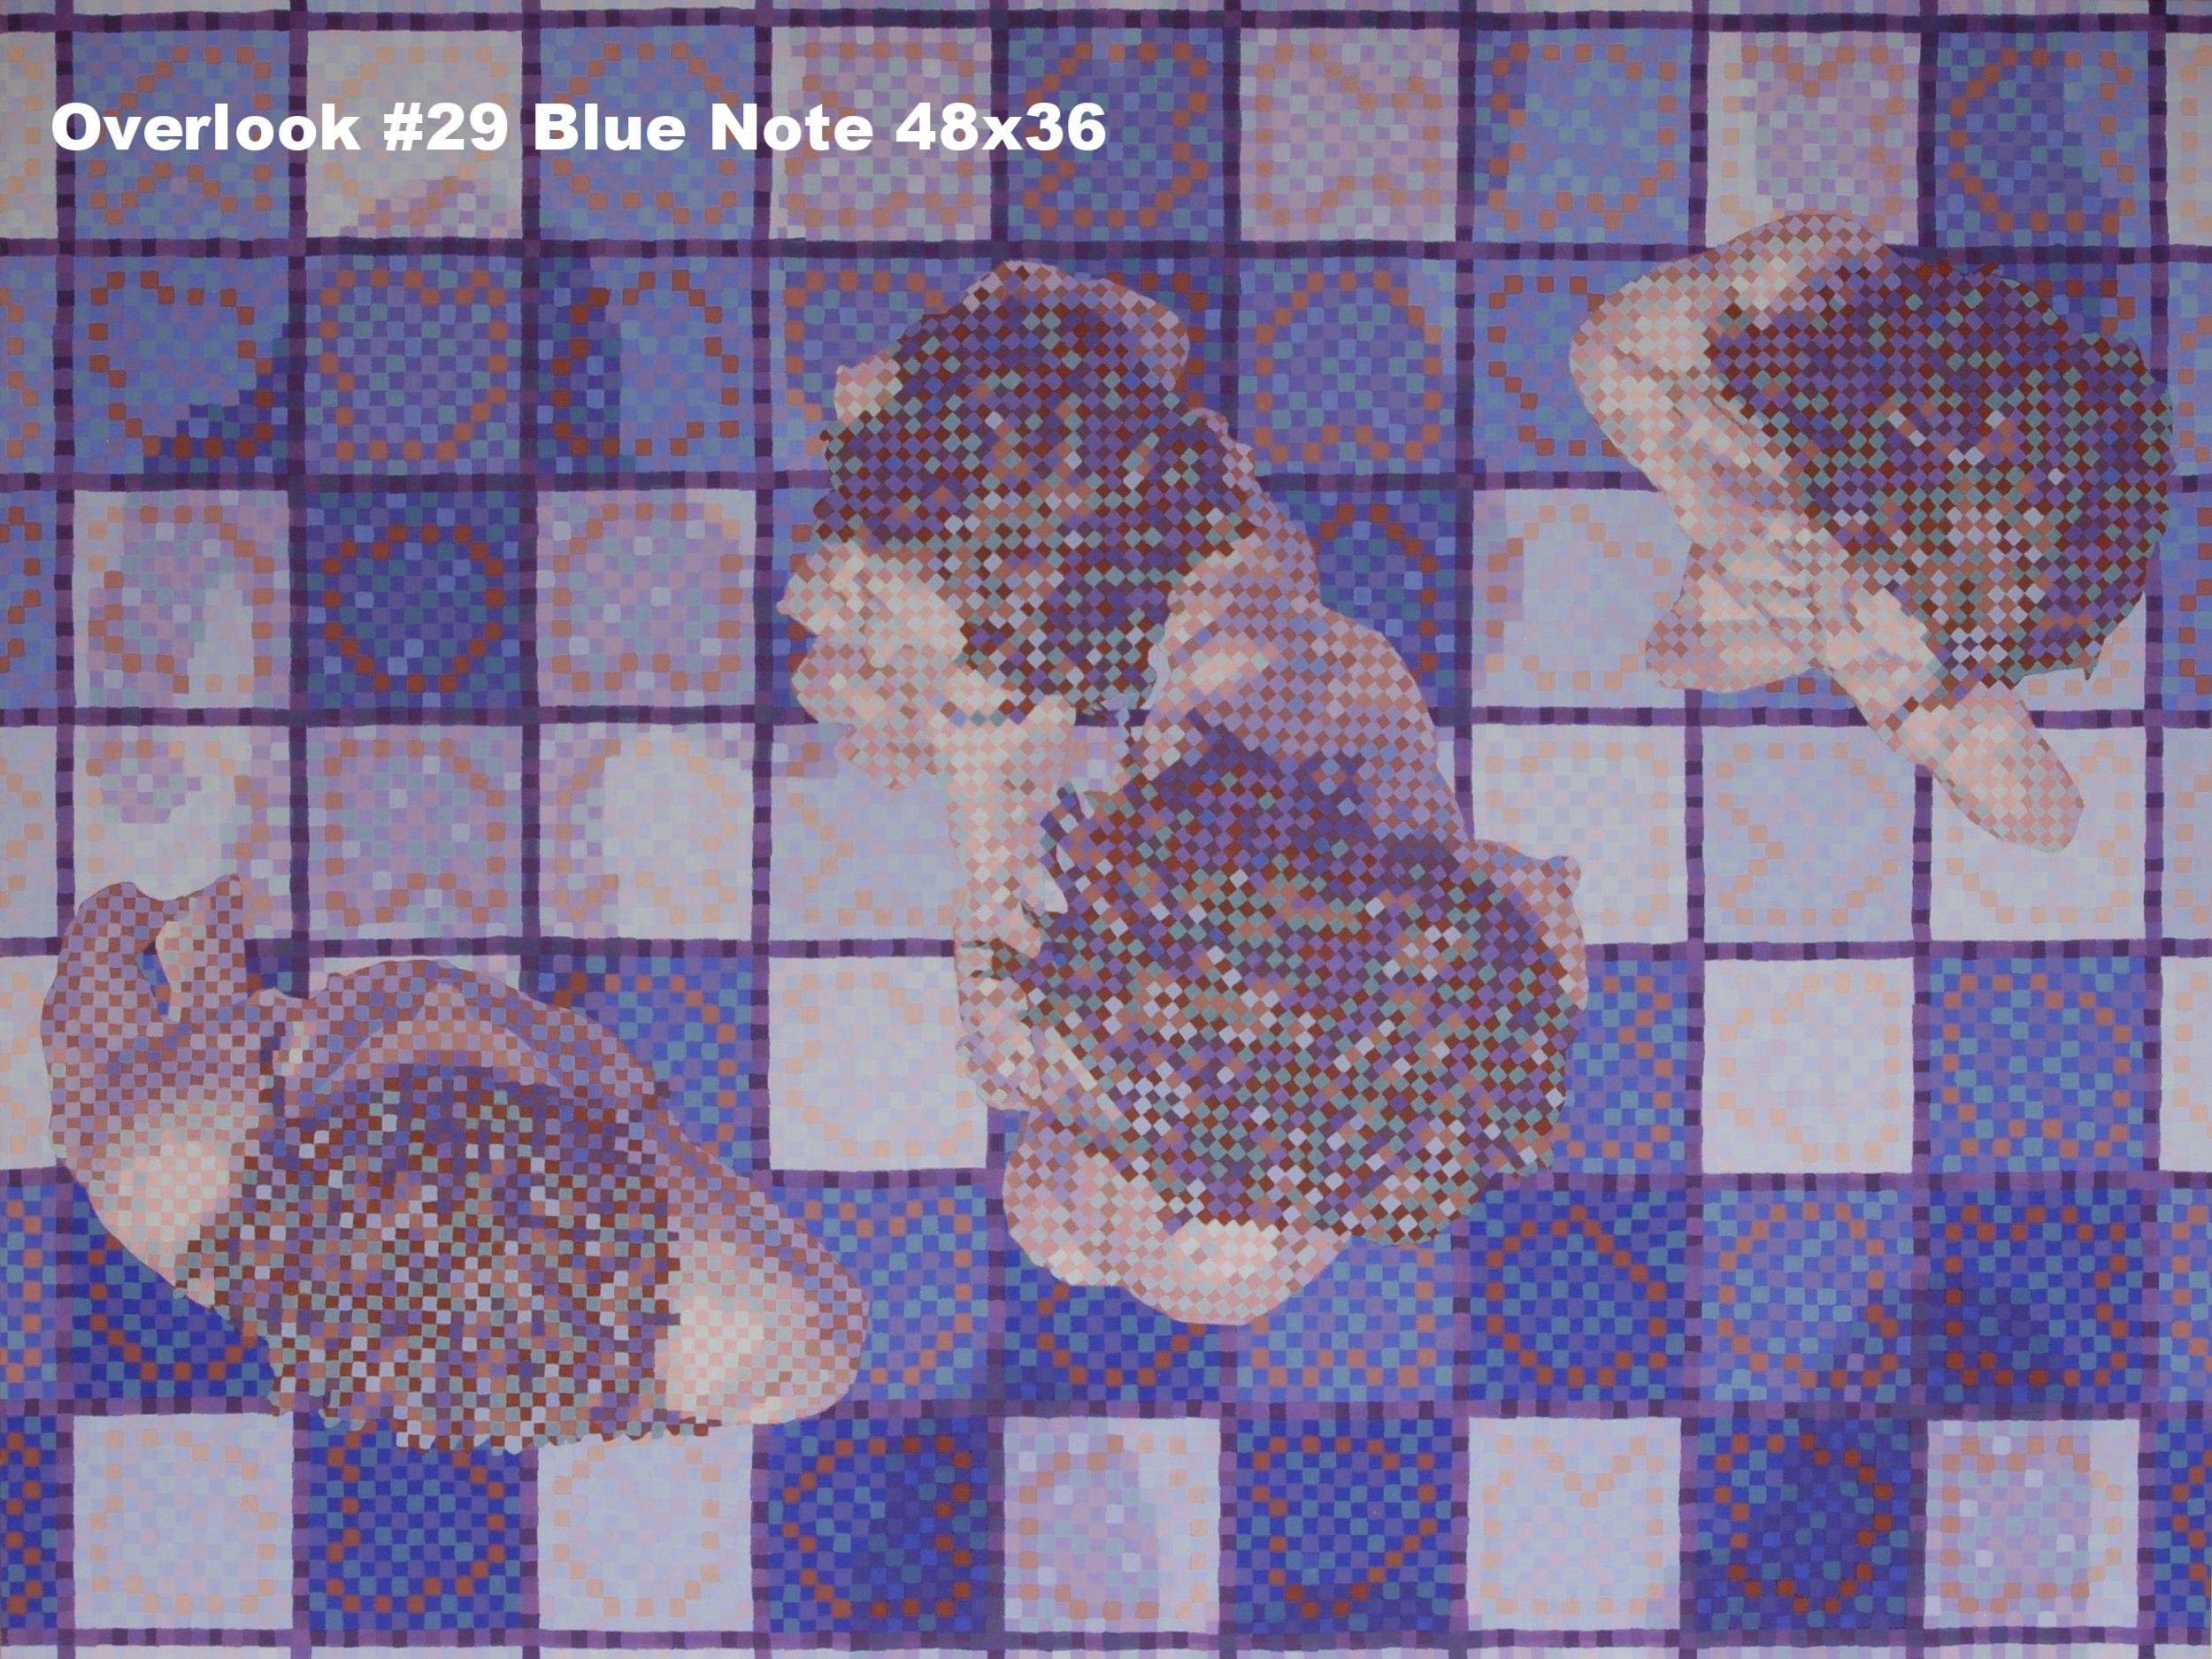 OL 29 view 2.jpg